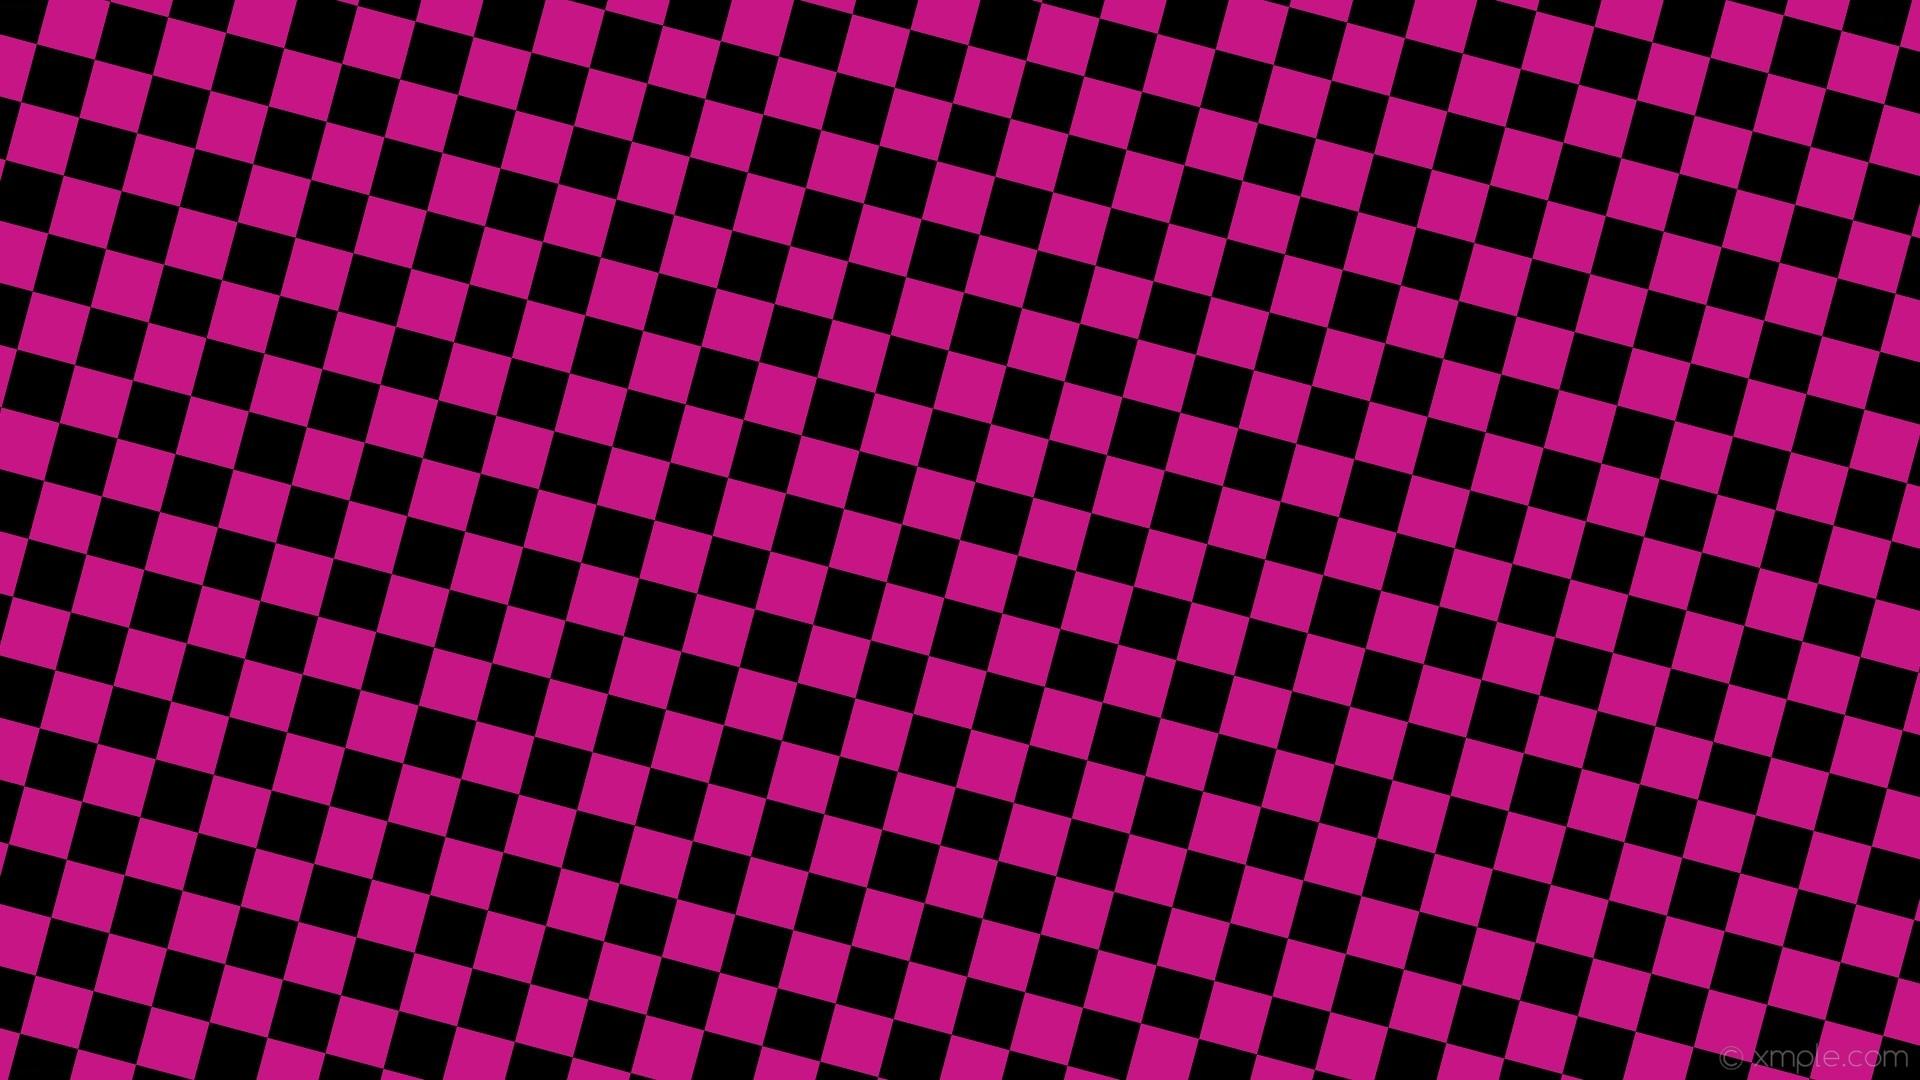 Checkerboard wallpaper photo hd